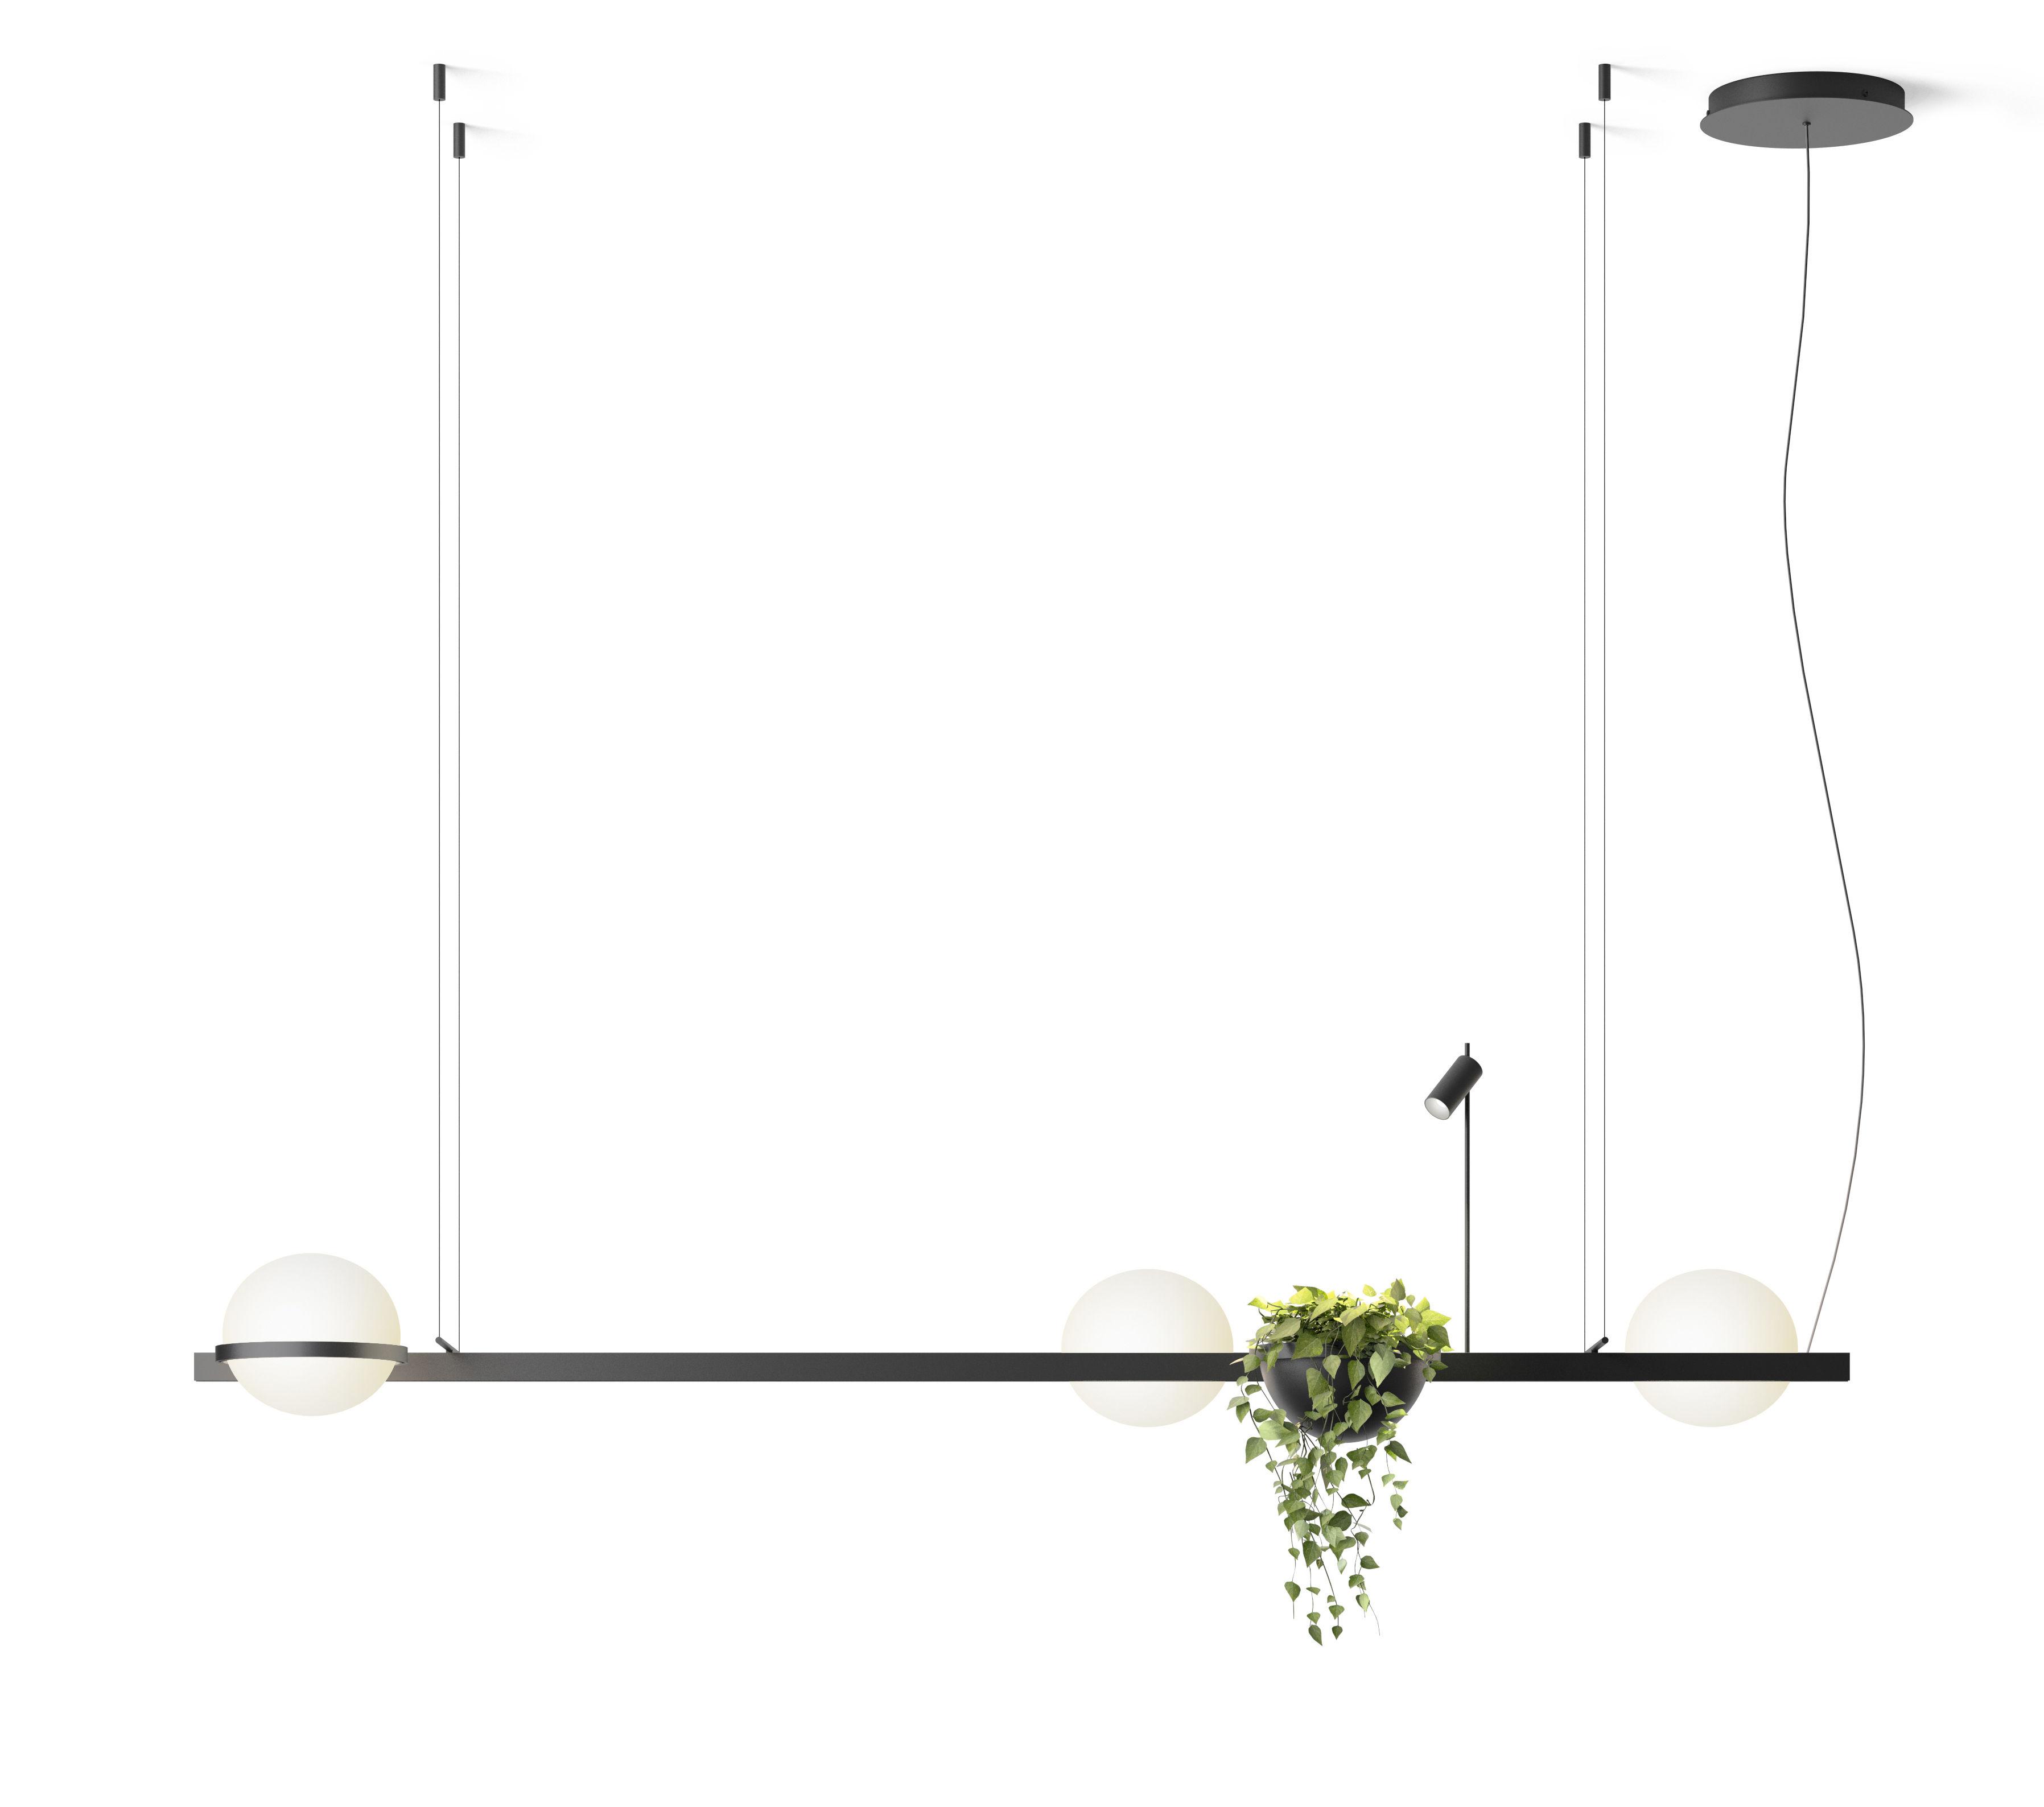 Illuminazione - Lampade da parete - Sospensione Palma - / Orizzontale tripla & fioriera di Vibia - Laccato grafite opaco - Alluminio, PMMA, Verre soufflé opalin